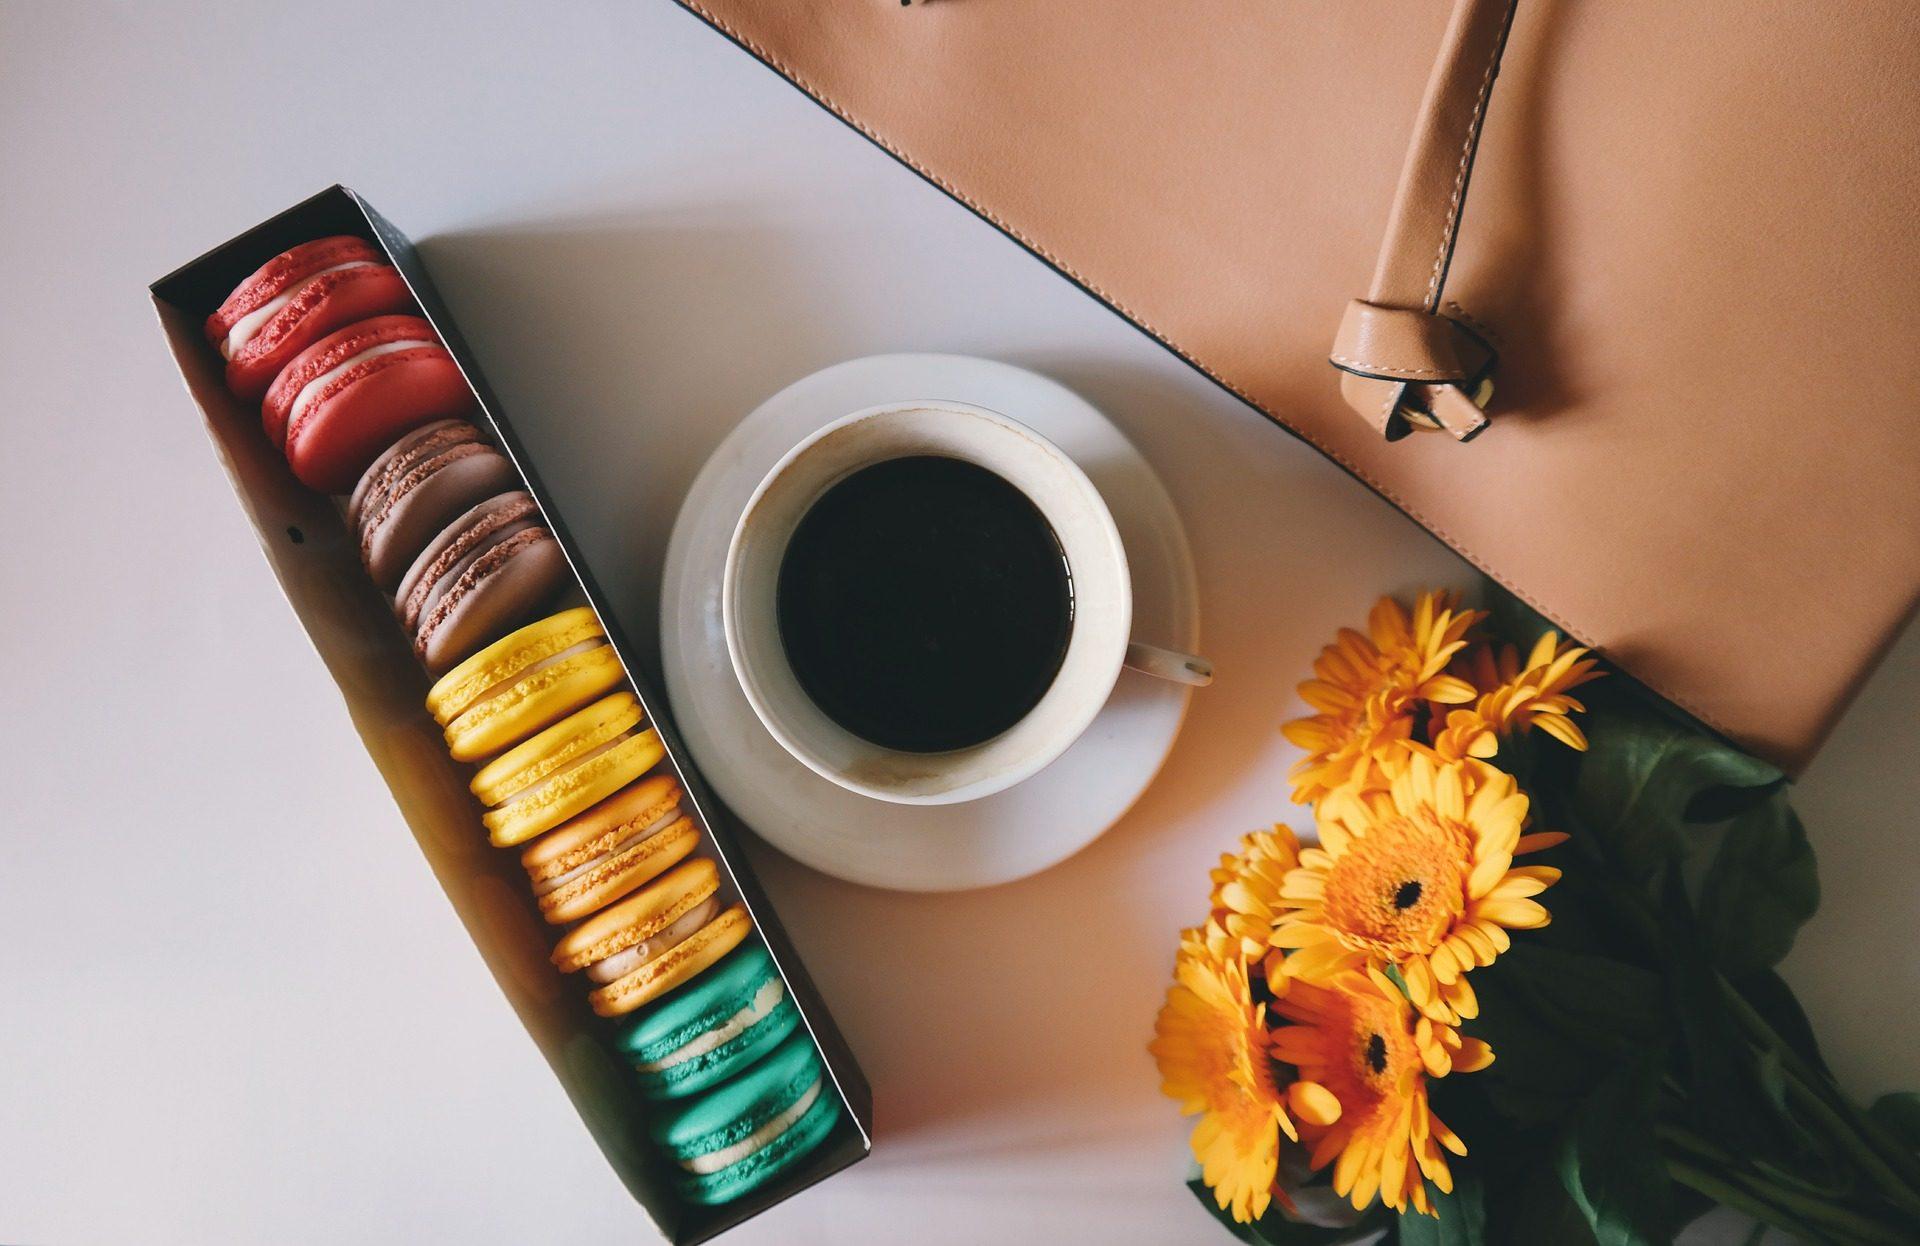 コーヒー, マカロニ, 花, カップ, ポケット, カラフルです - HD の壁紙 - 教授-falken.com